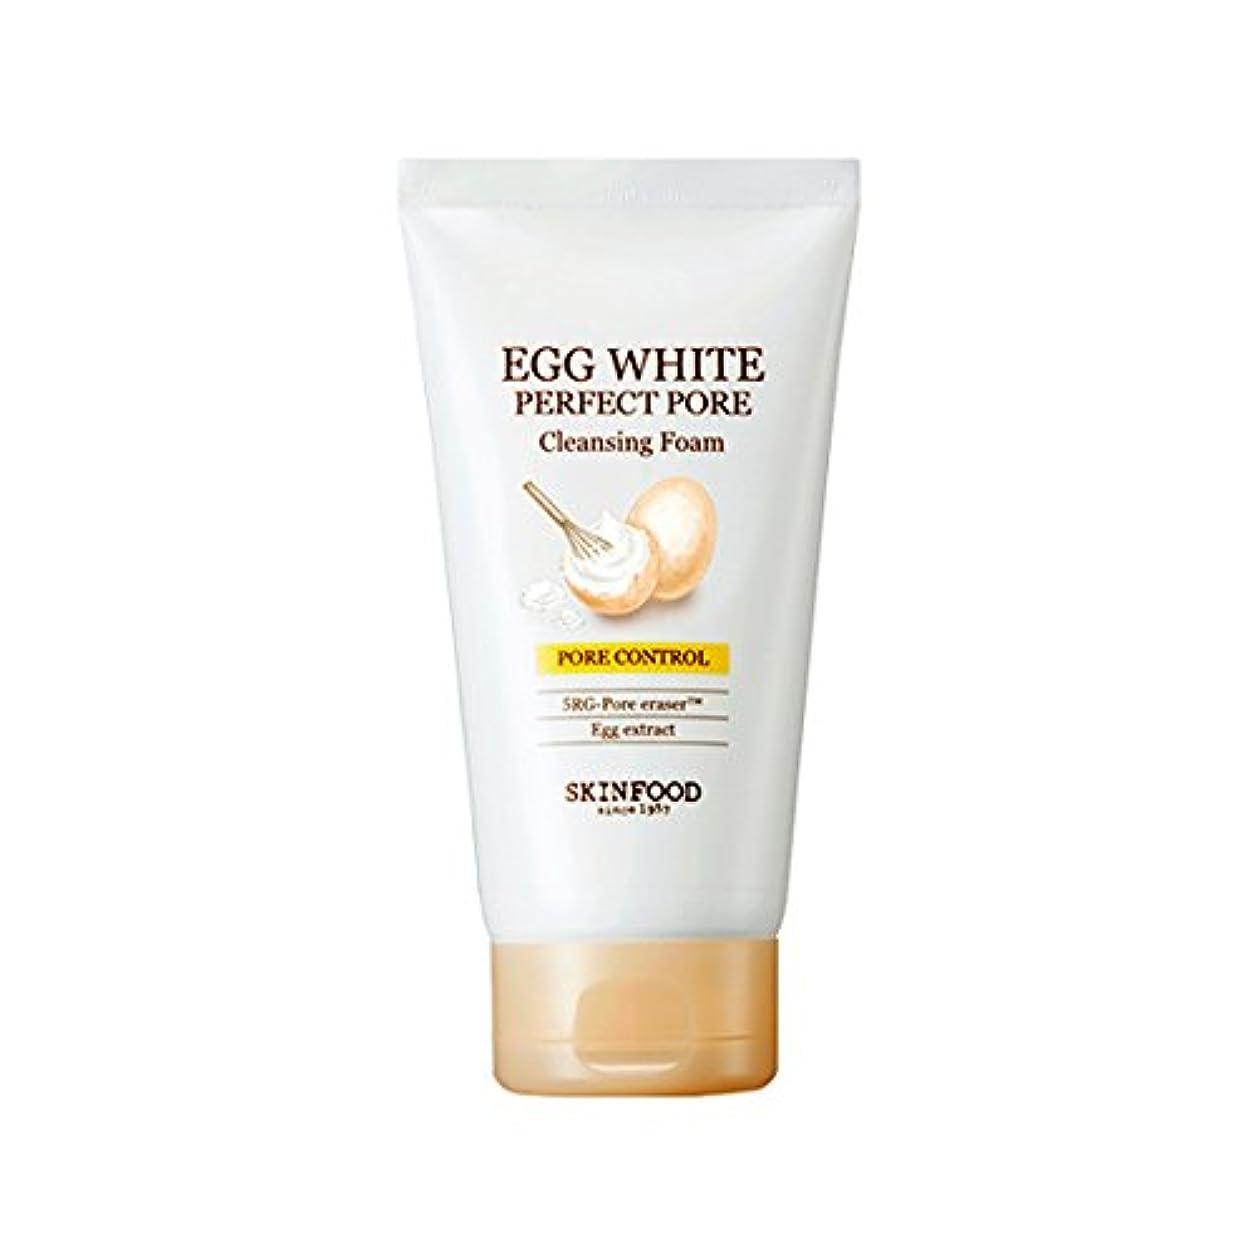 道路軽減反逆者Skinfood/Egg White Perfect Pore Cleansing Foam/エッグホワイトパーフェクトポアクレンジングフォーム/150ml [並行輸入品]